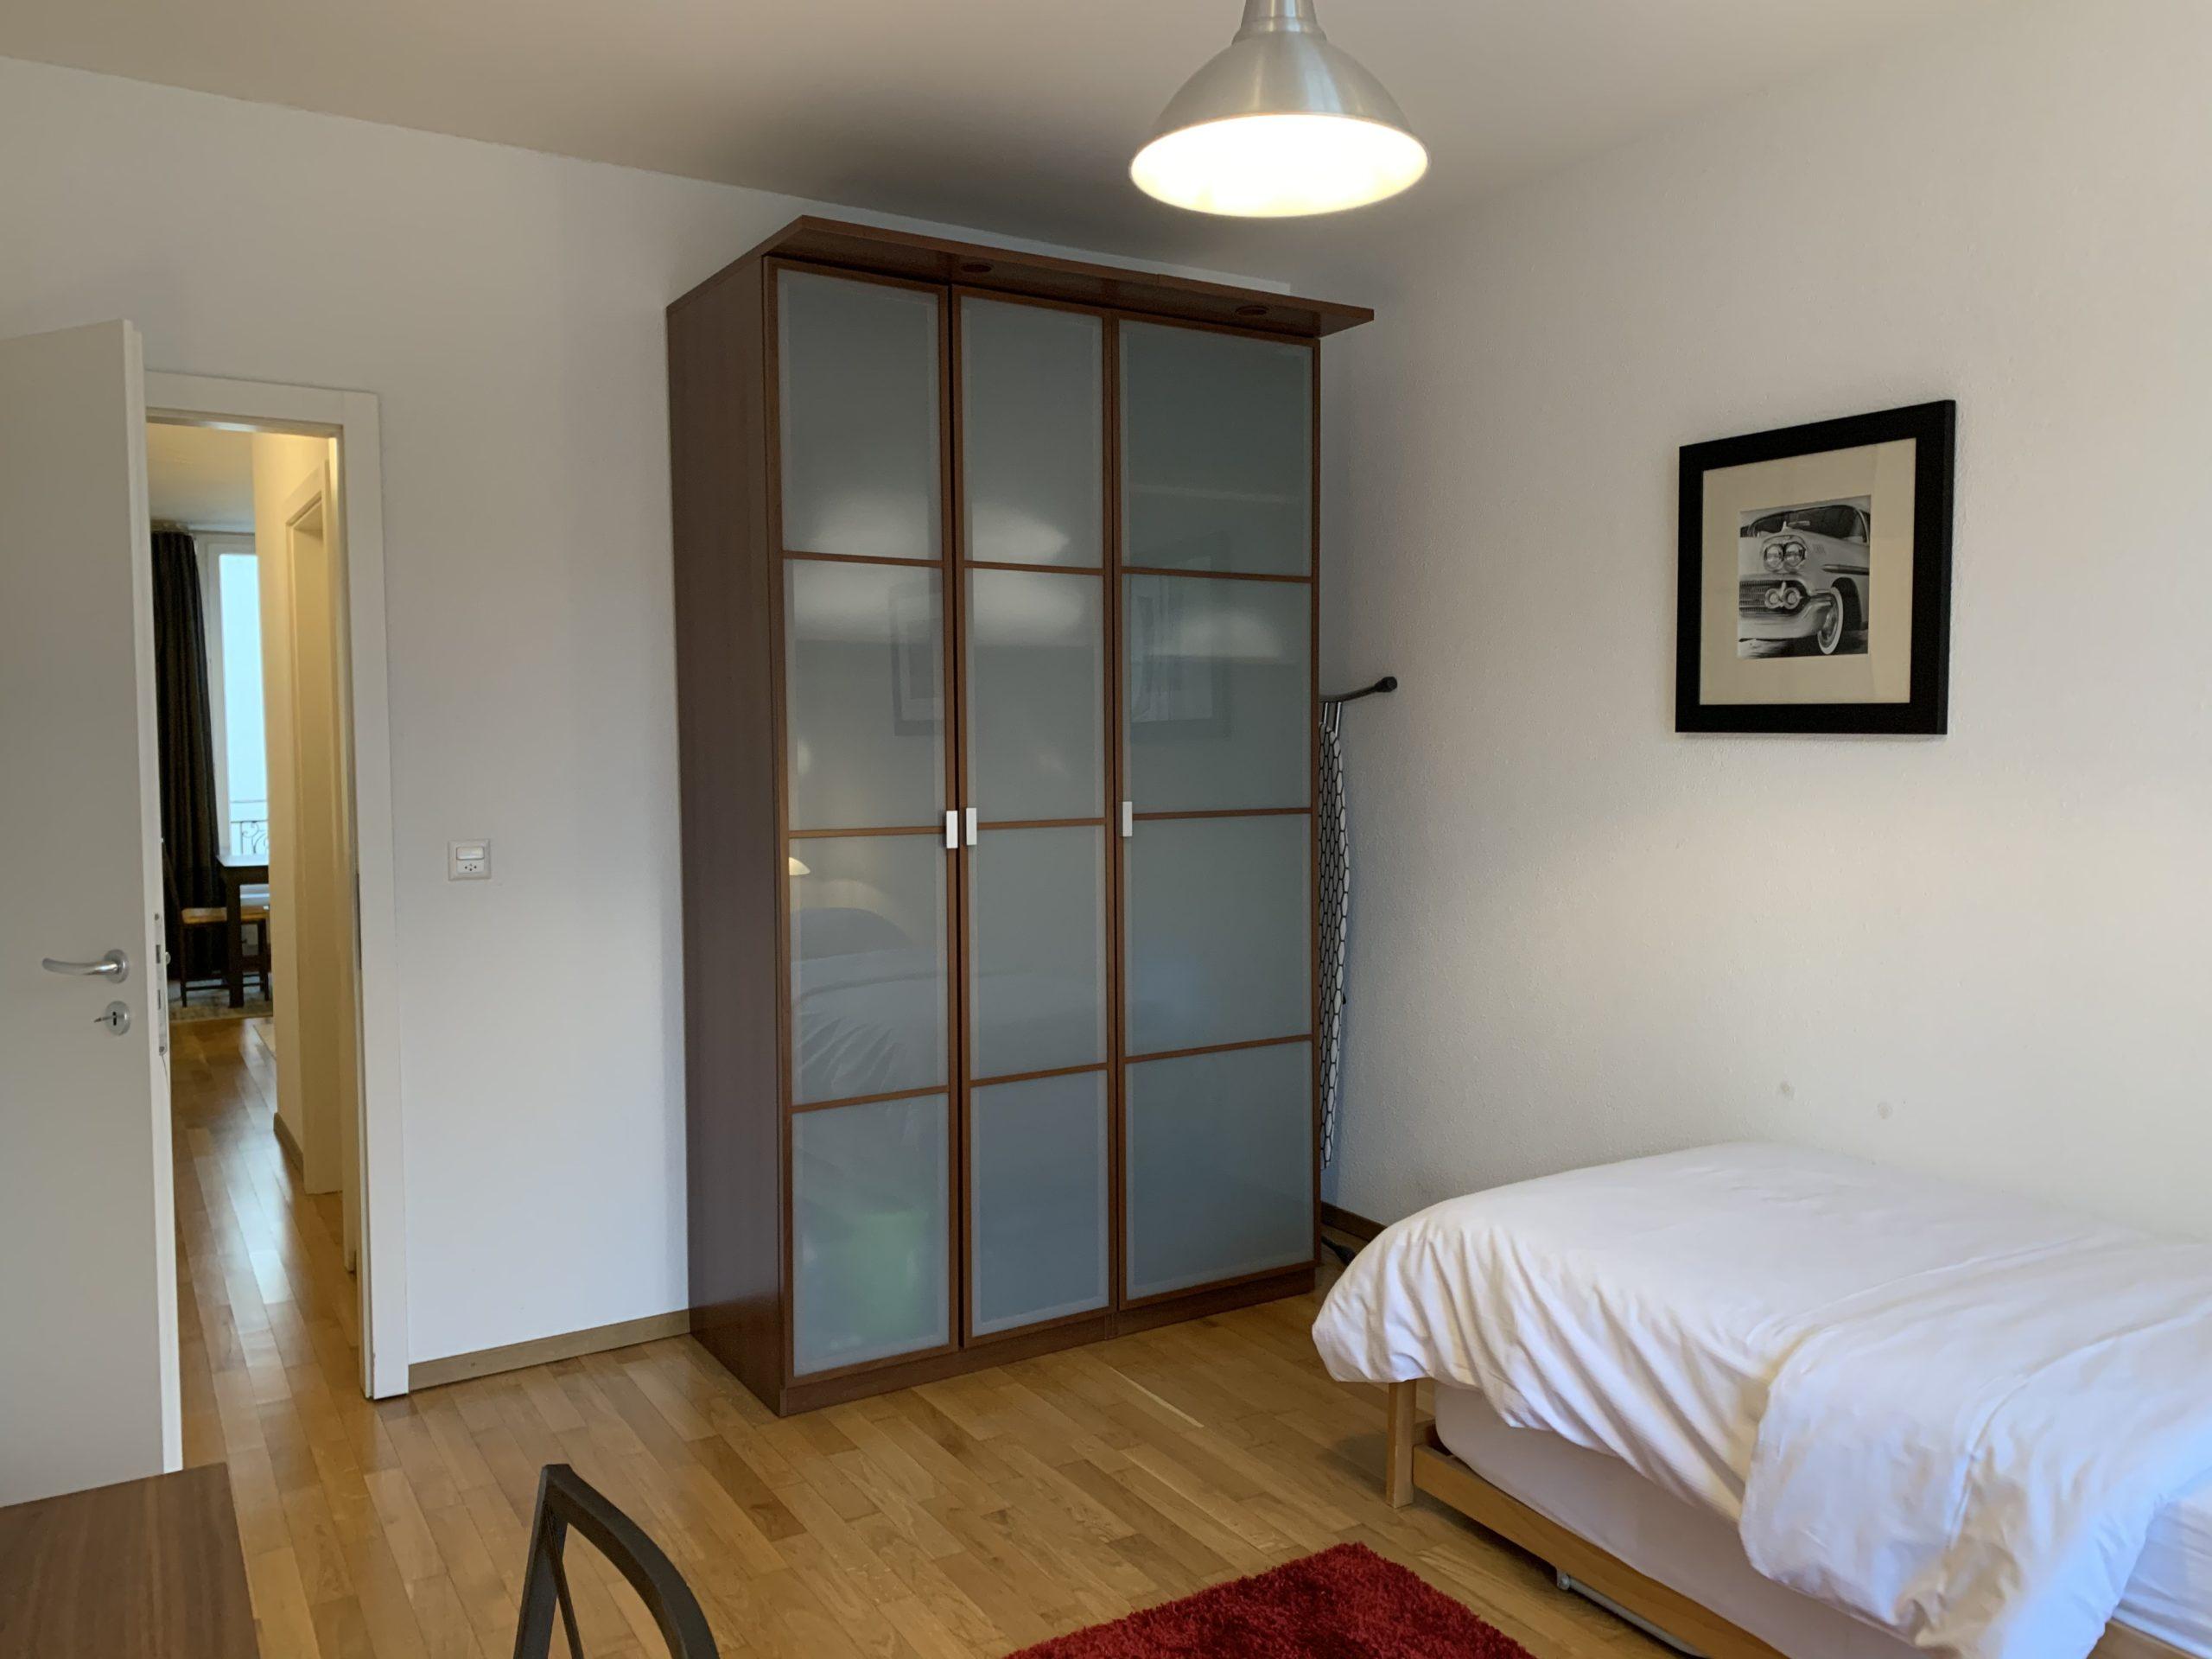 Ch. du Closelet 4, Lausanne - 3,5 pièces - Lot 21 12